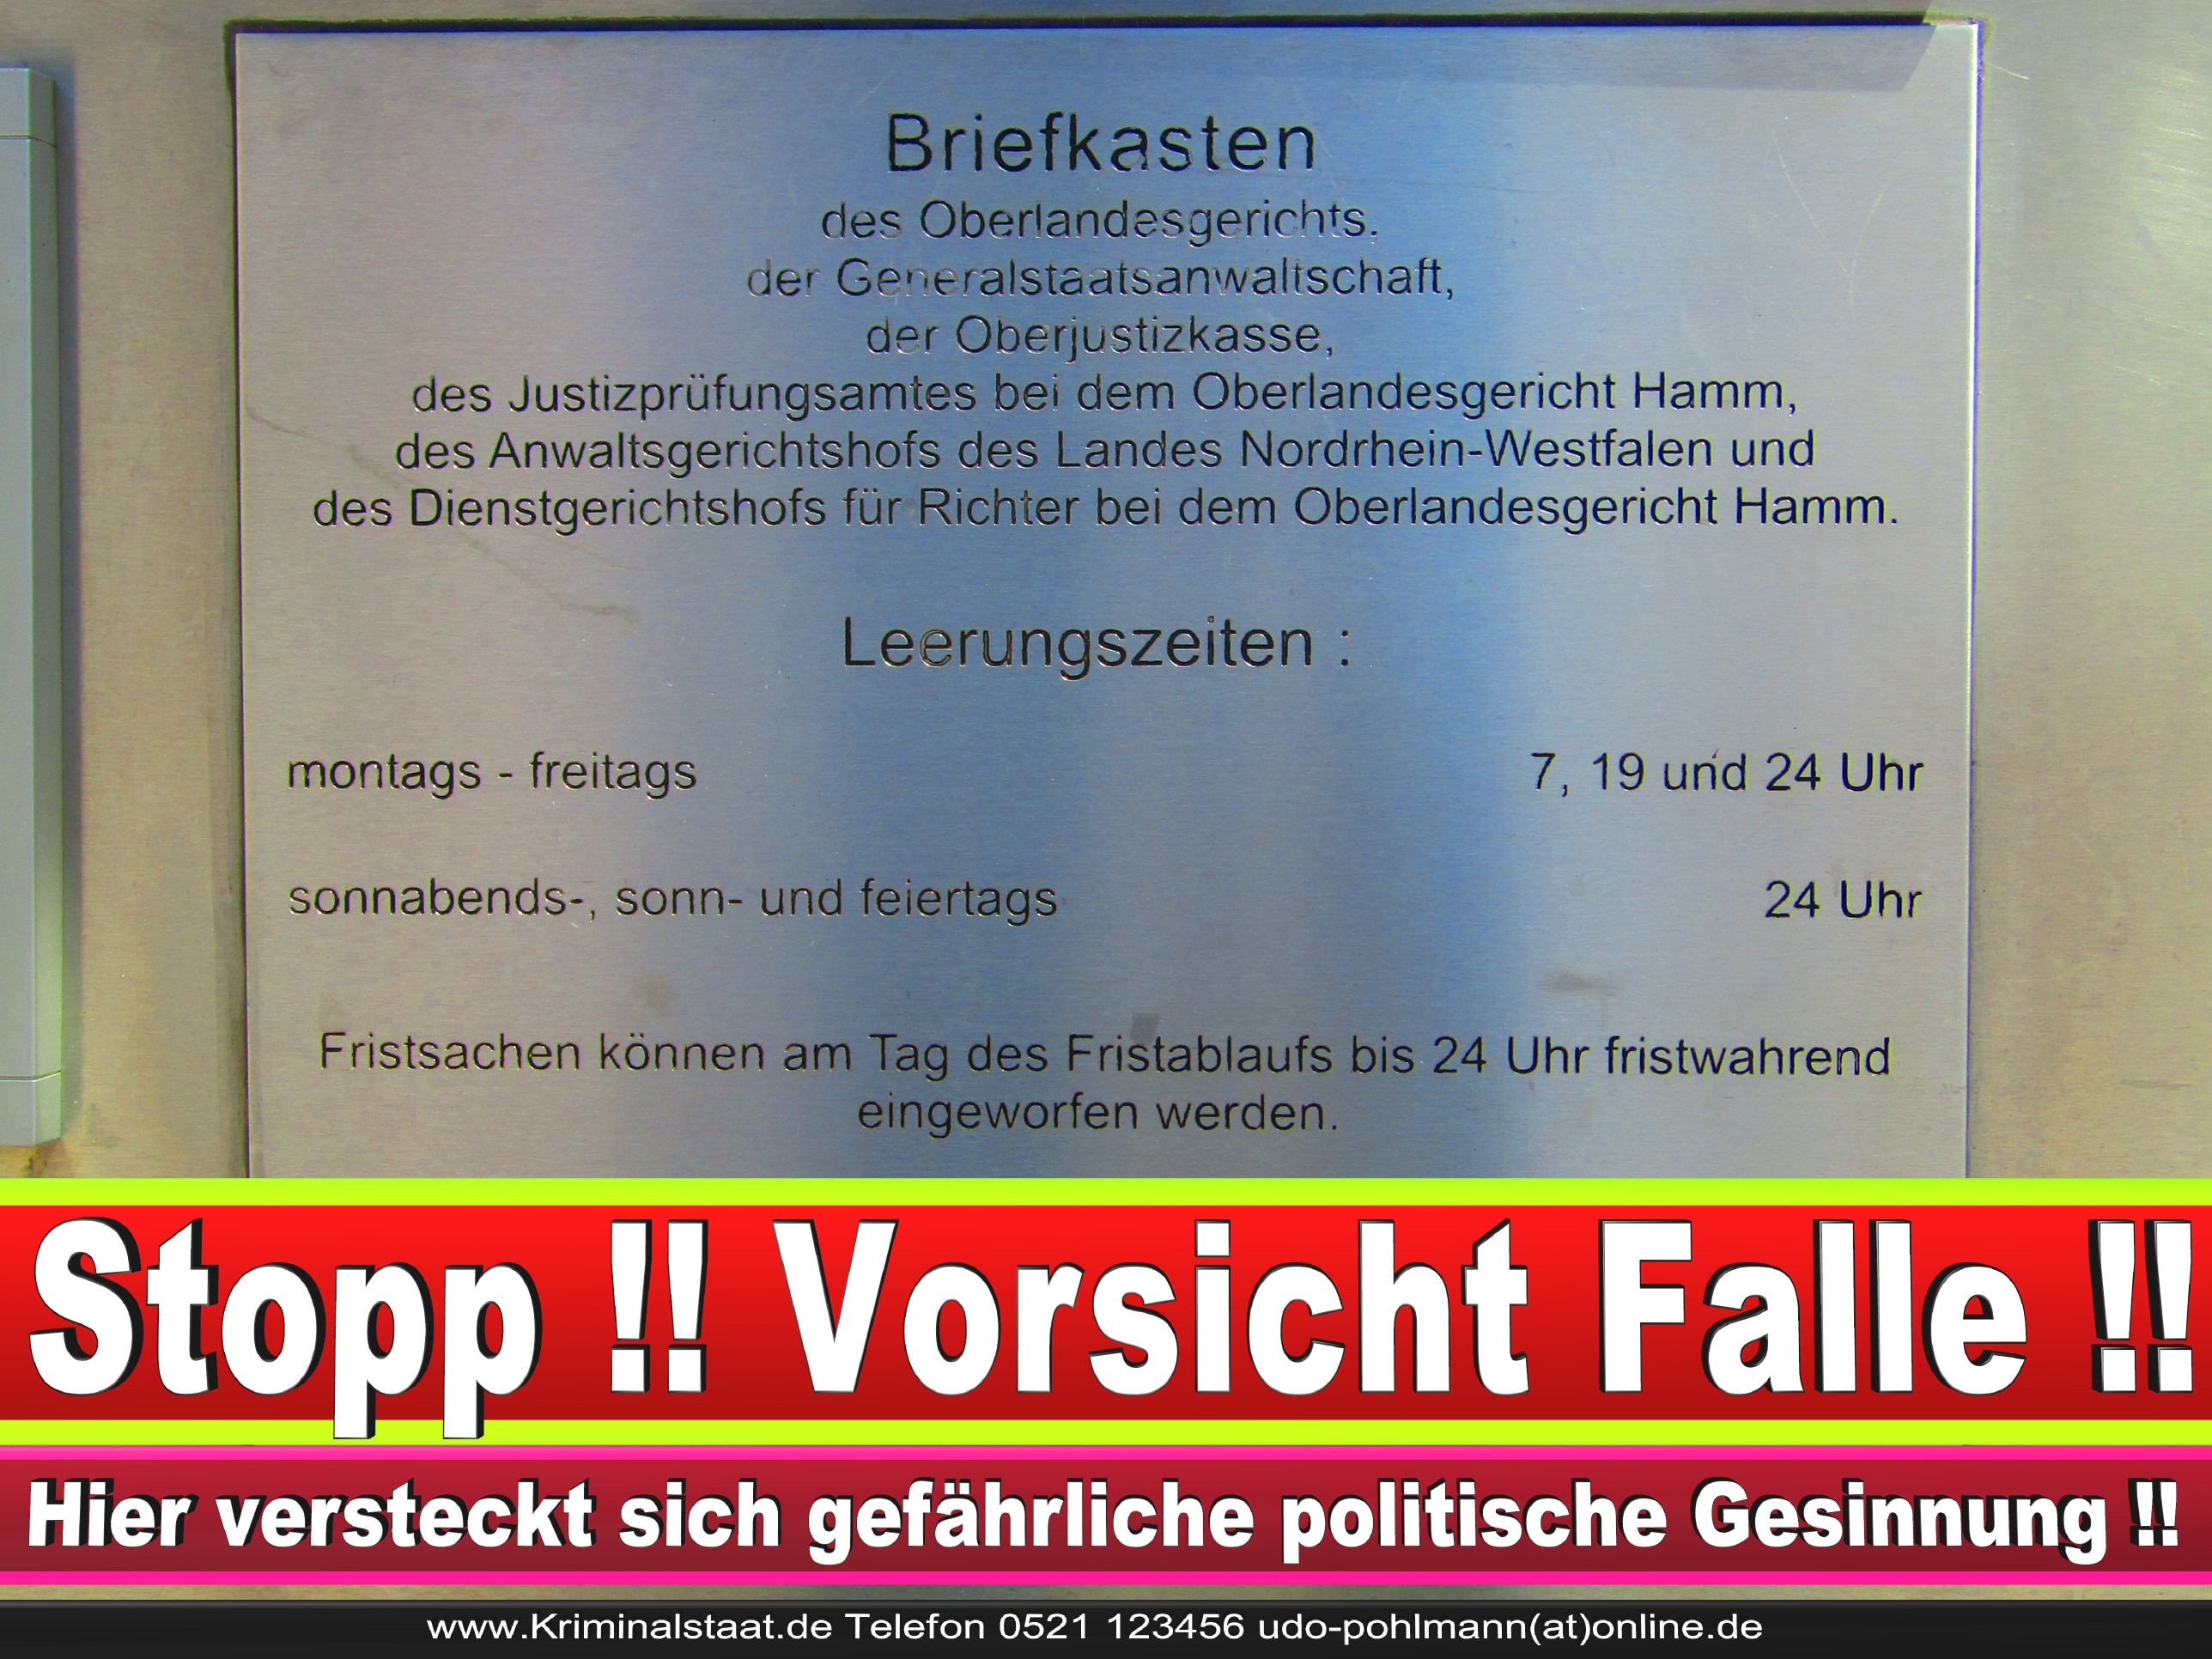 OLG Hamm Oberlandesgericht Hamm Landgericht Polizei Staatsanwaltschaft Generalstaatsanwaltschaft StA GeStA Praktikum Korruption Rechtsbeugung Richter Justiz Justizministerium (31)